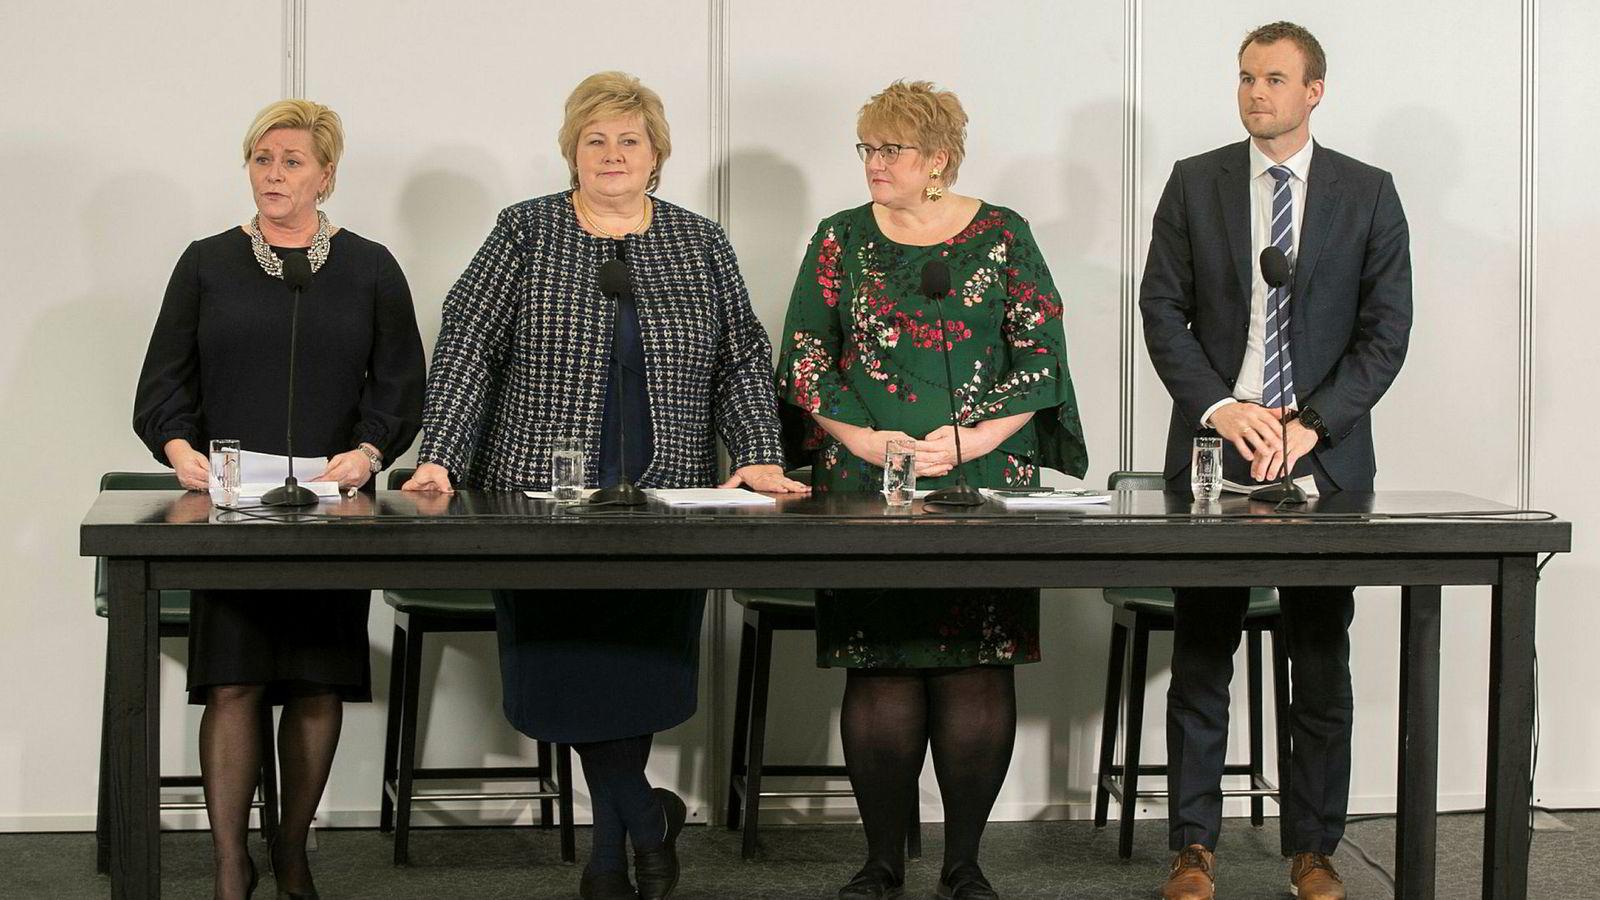 Finansminister Siv Jensen, statsminister Erna Solberg, kulturminister Trine Skei Grande og nestleder i Krf (nå barne- og familieminister), Kjell Ingolf Ropstad, holdt pressekonferanse om den fremforhandlede regjeringsplattformen tidligere i januar.